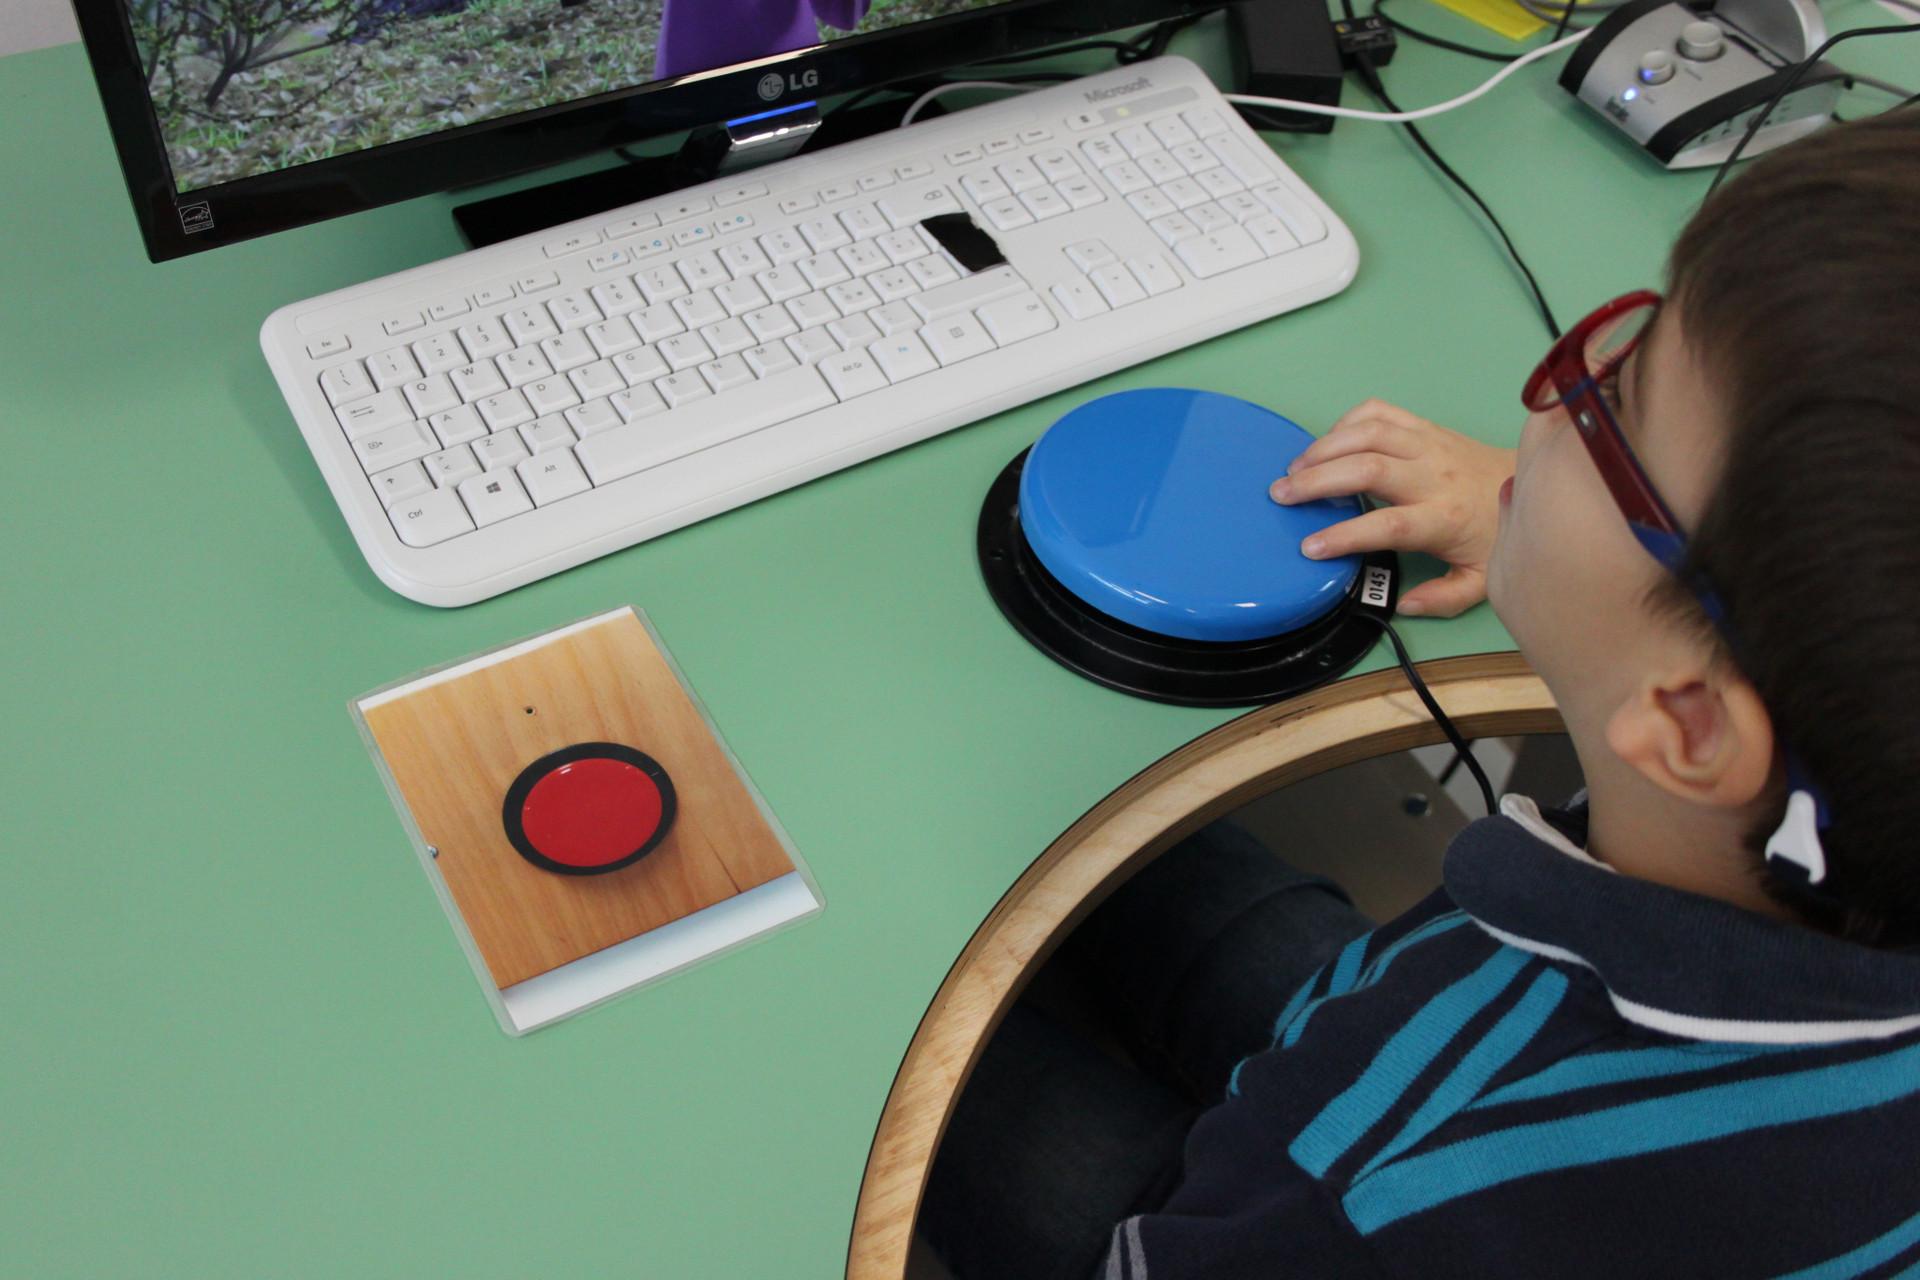 Un bambino, utente della Lega del Filo d'Oro, guarda uno schermo e preme un pulsante blu appoggiato davanti a lui per dare comandi al computer.